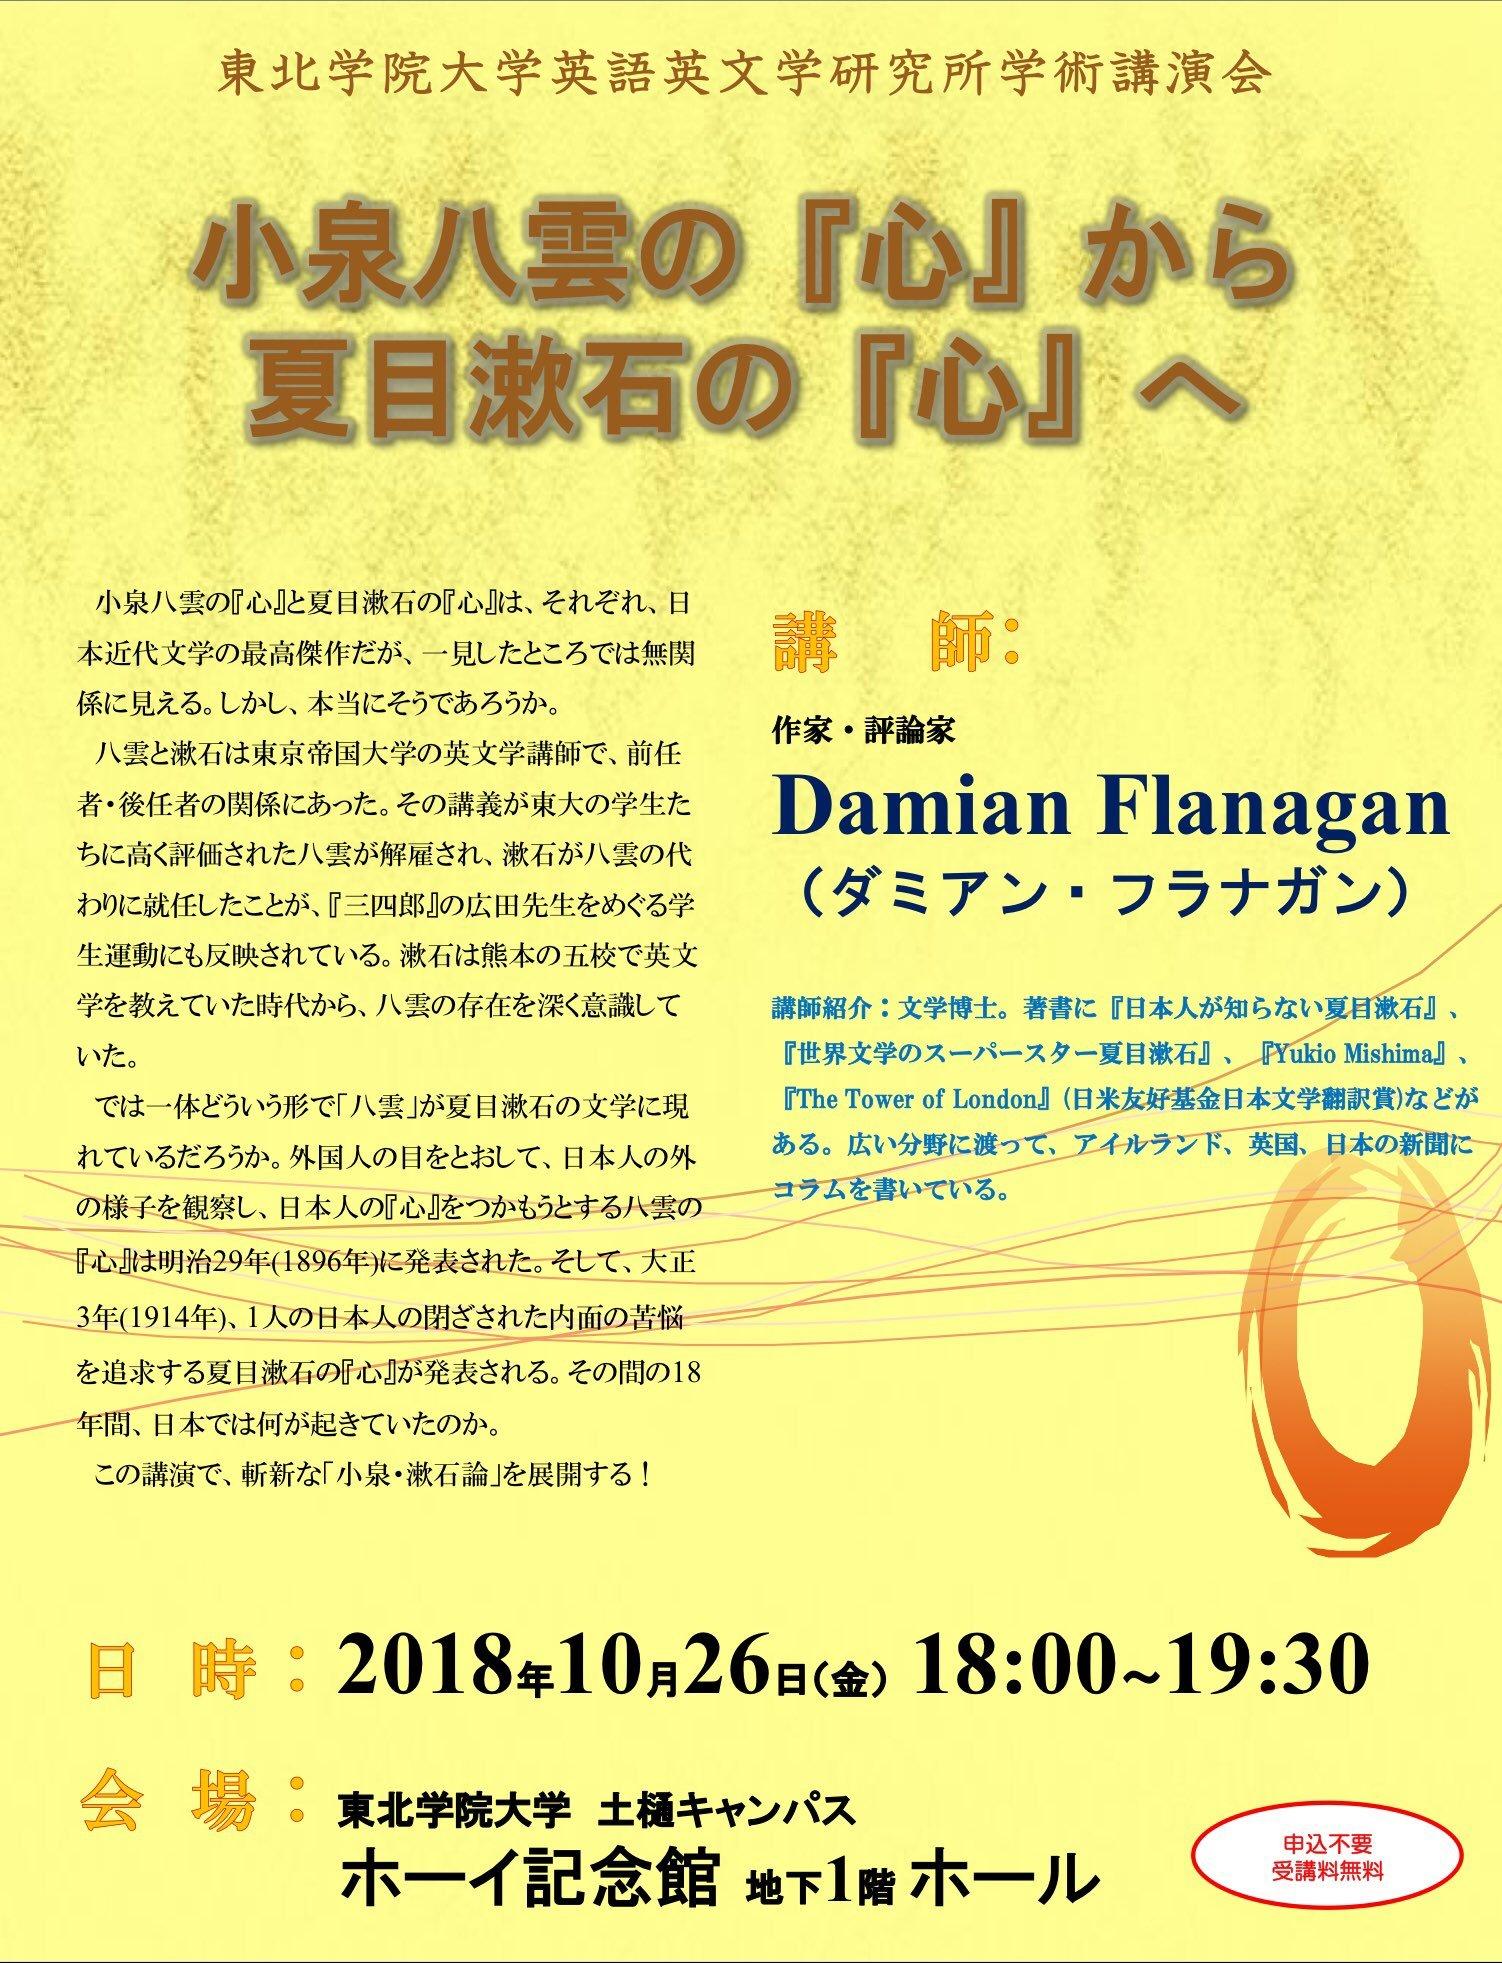 神戸から、仙台東北学院大学へ日本文学講演会へ✈️(1)_a0098174_01175047.jpg